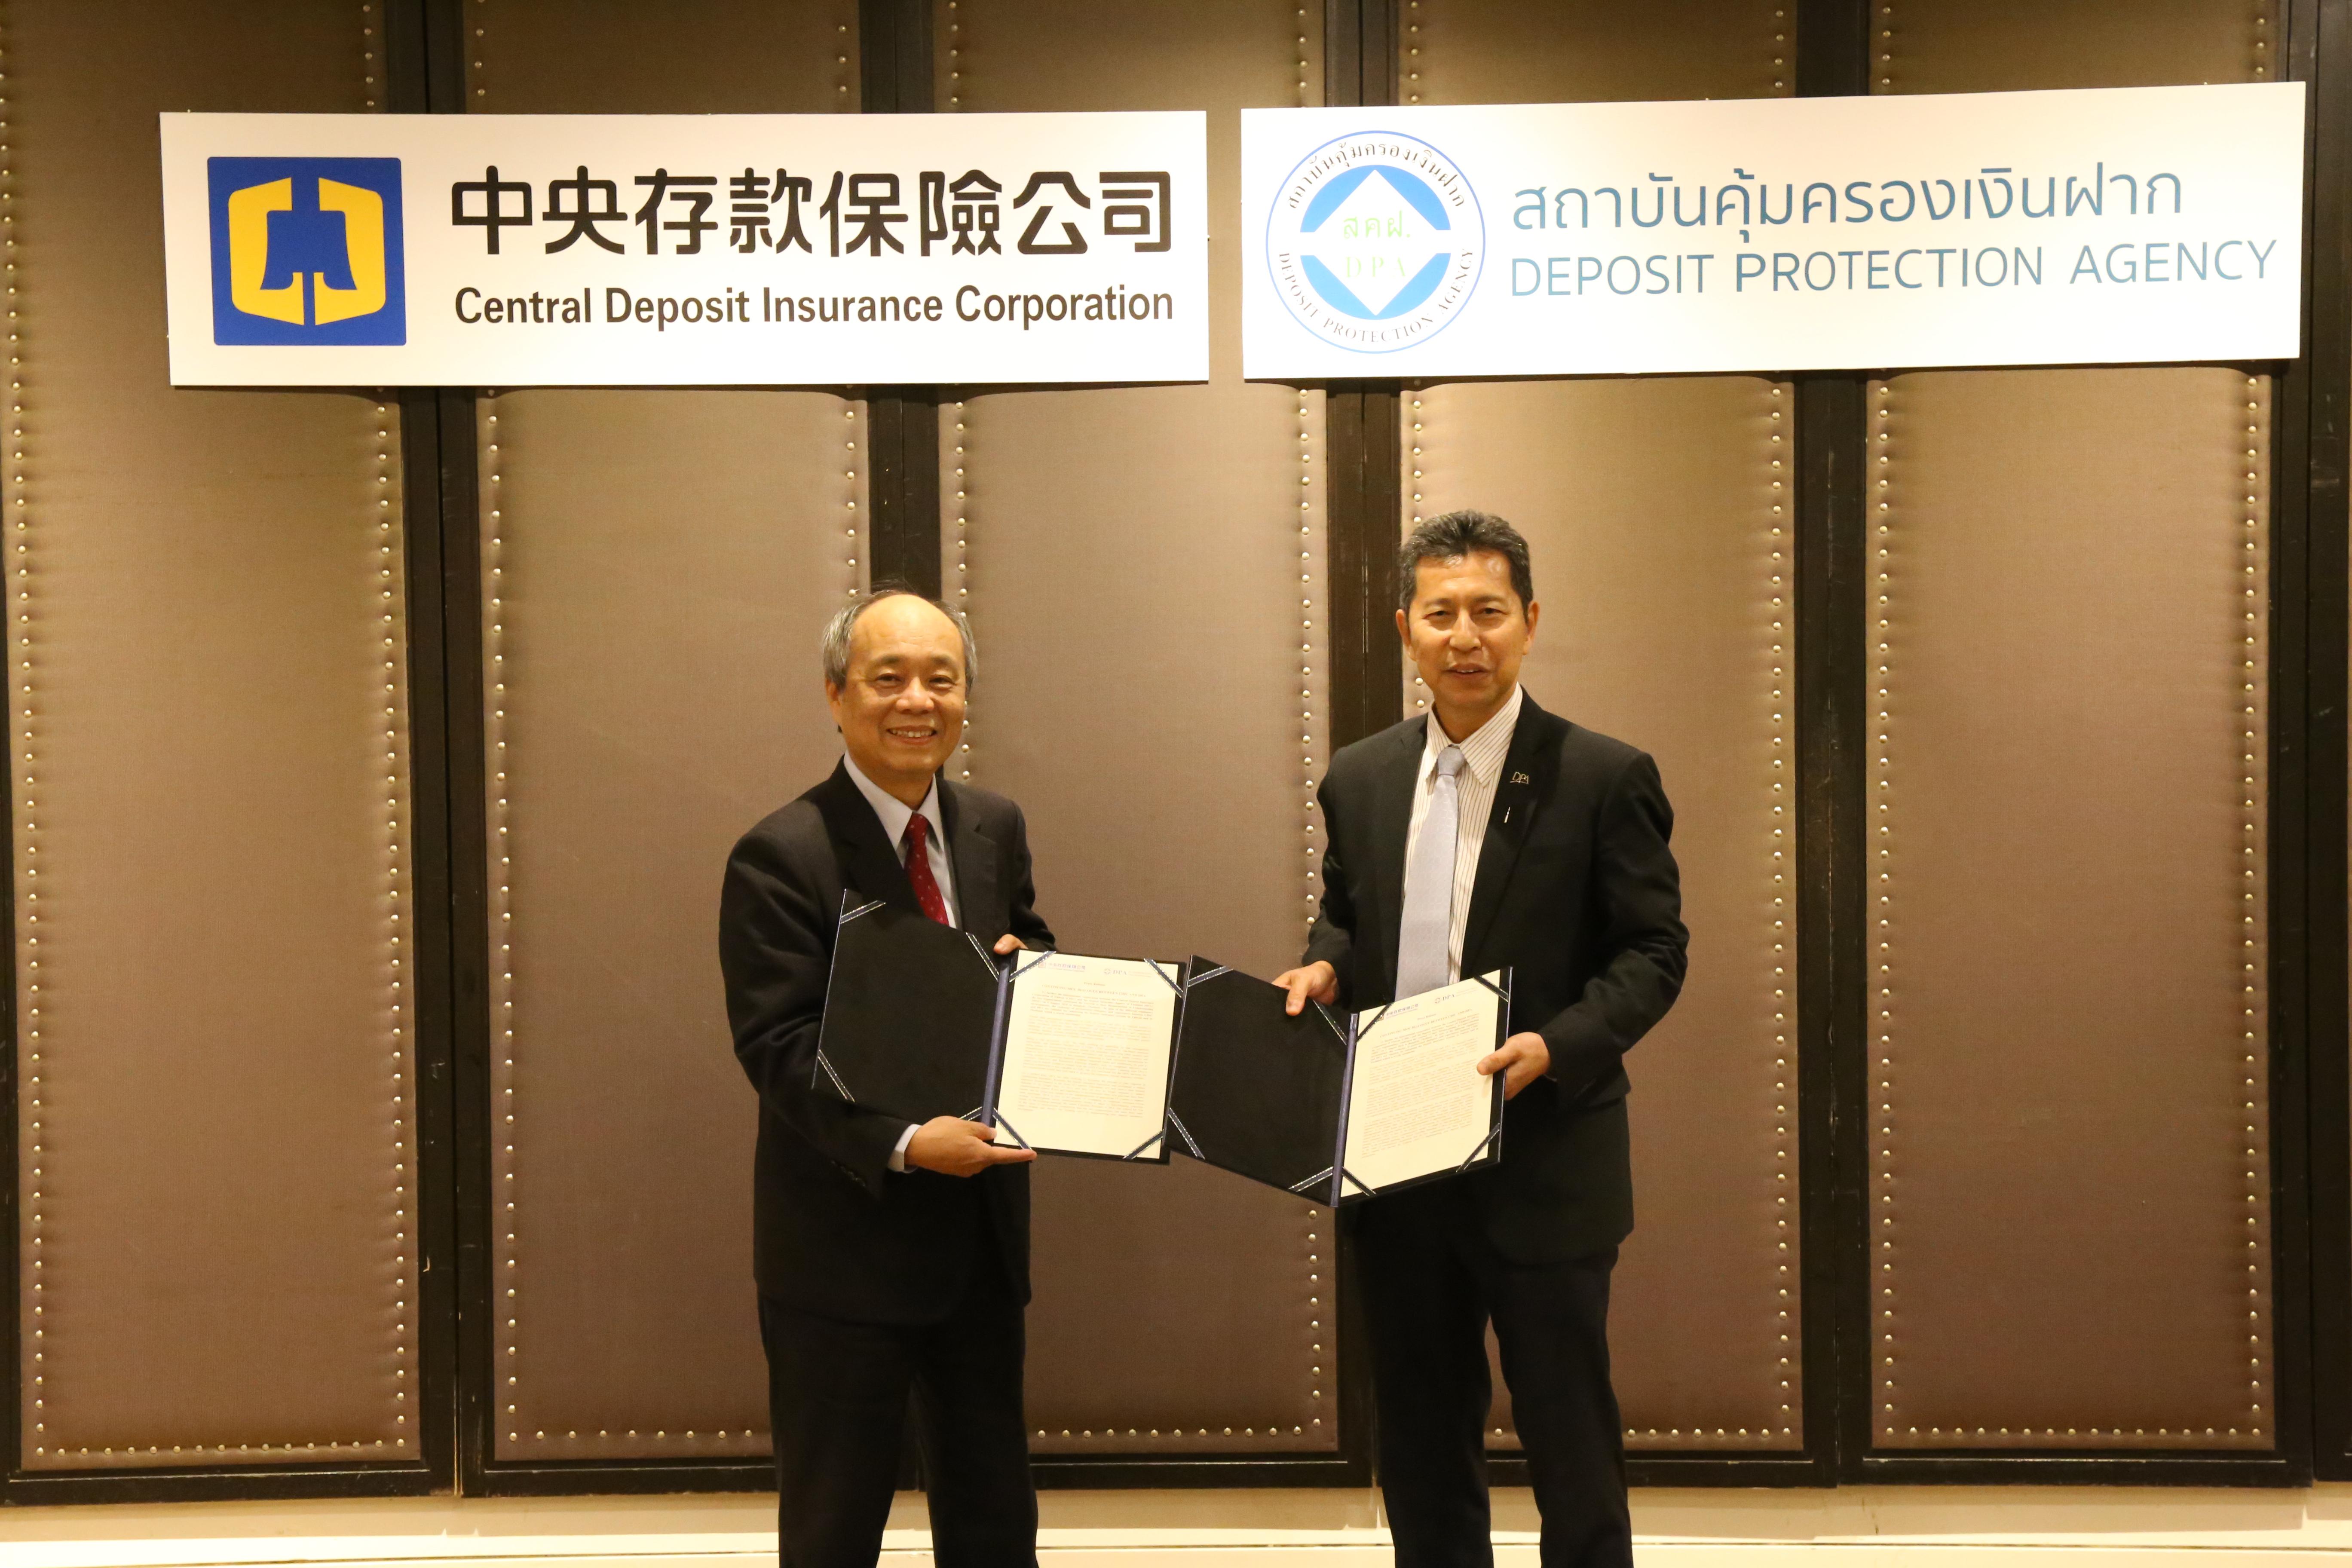 本公司總經理林銘寬(左)與泰國存款保障機構總經理Mr. Satorn Topothai (右)代表雙方機構正式確認延續MOU合作關係